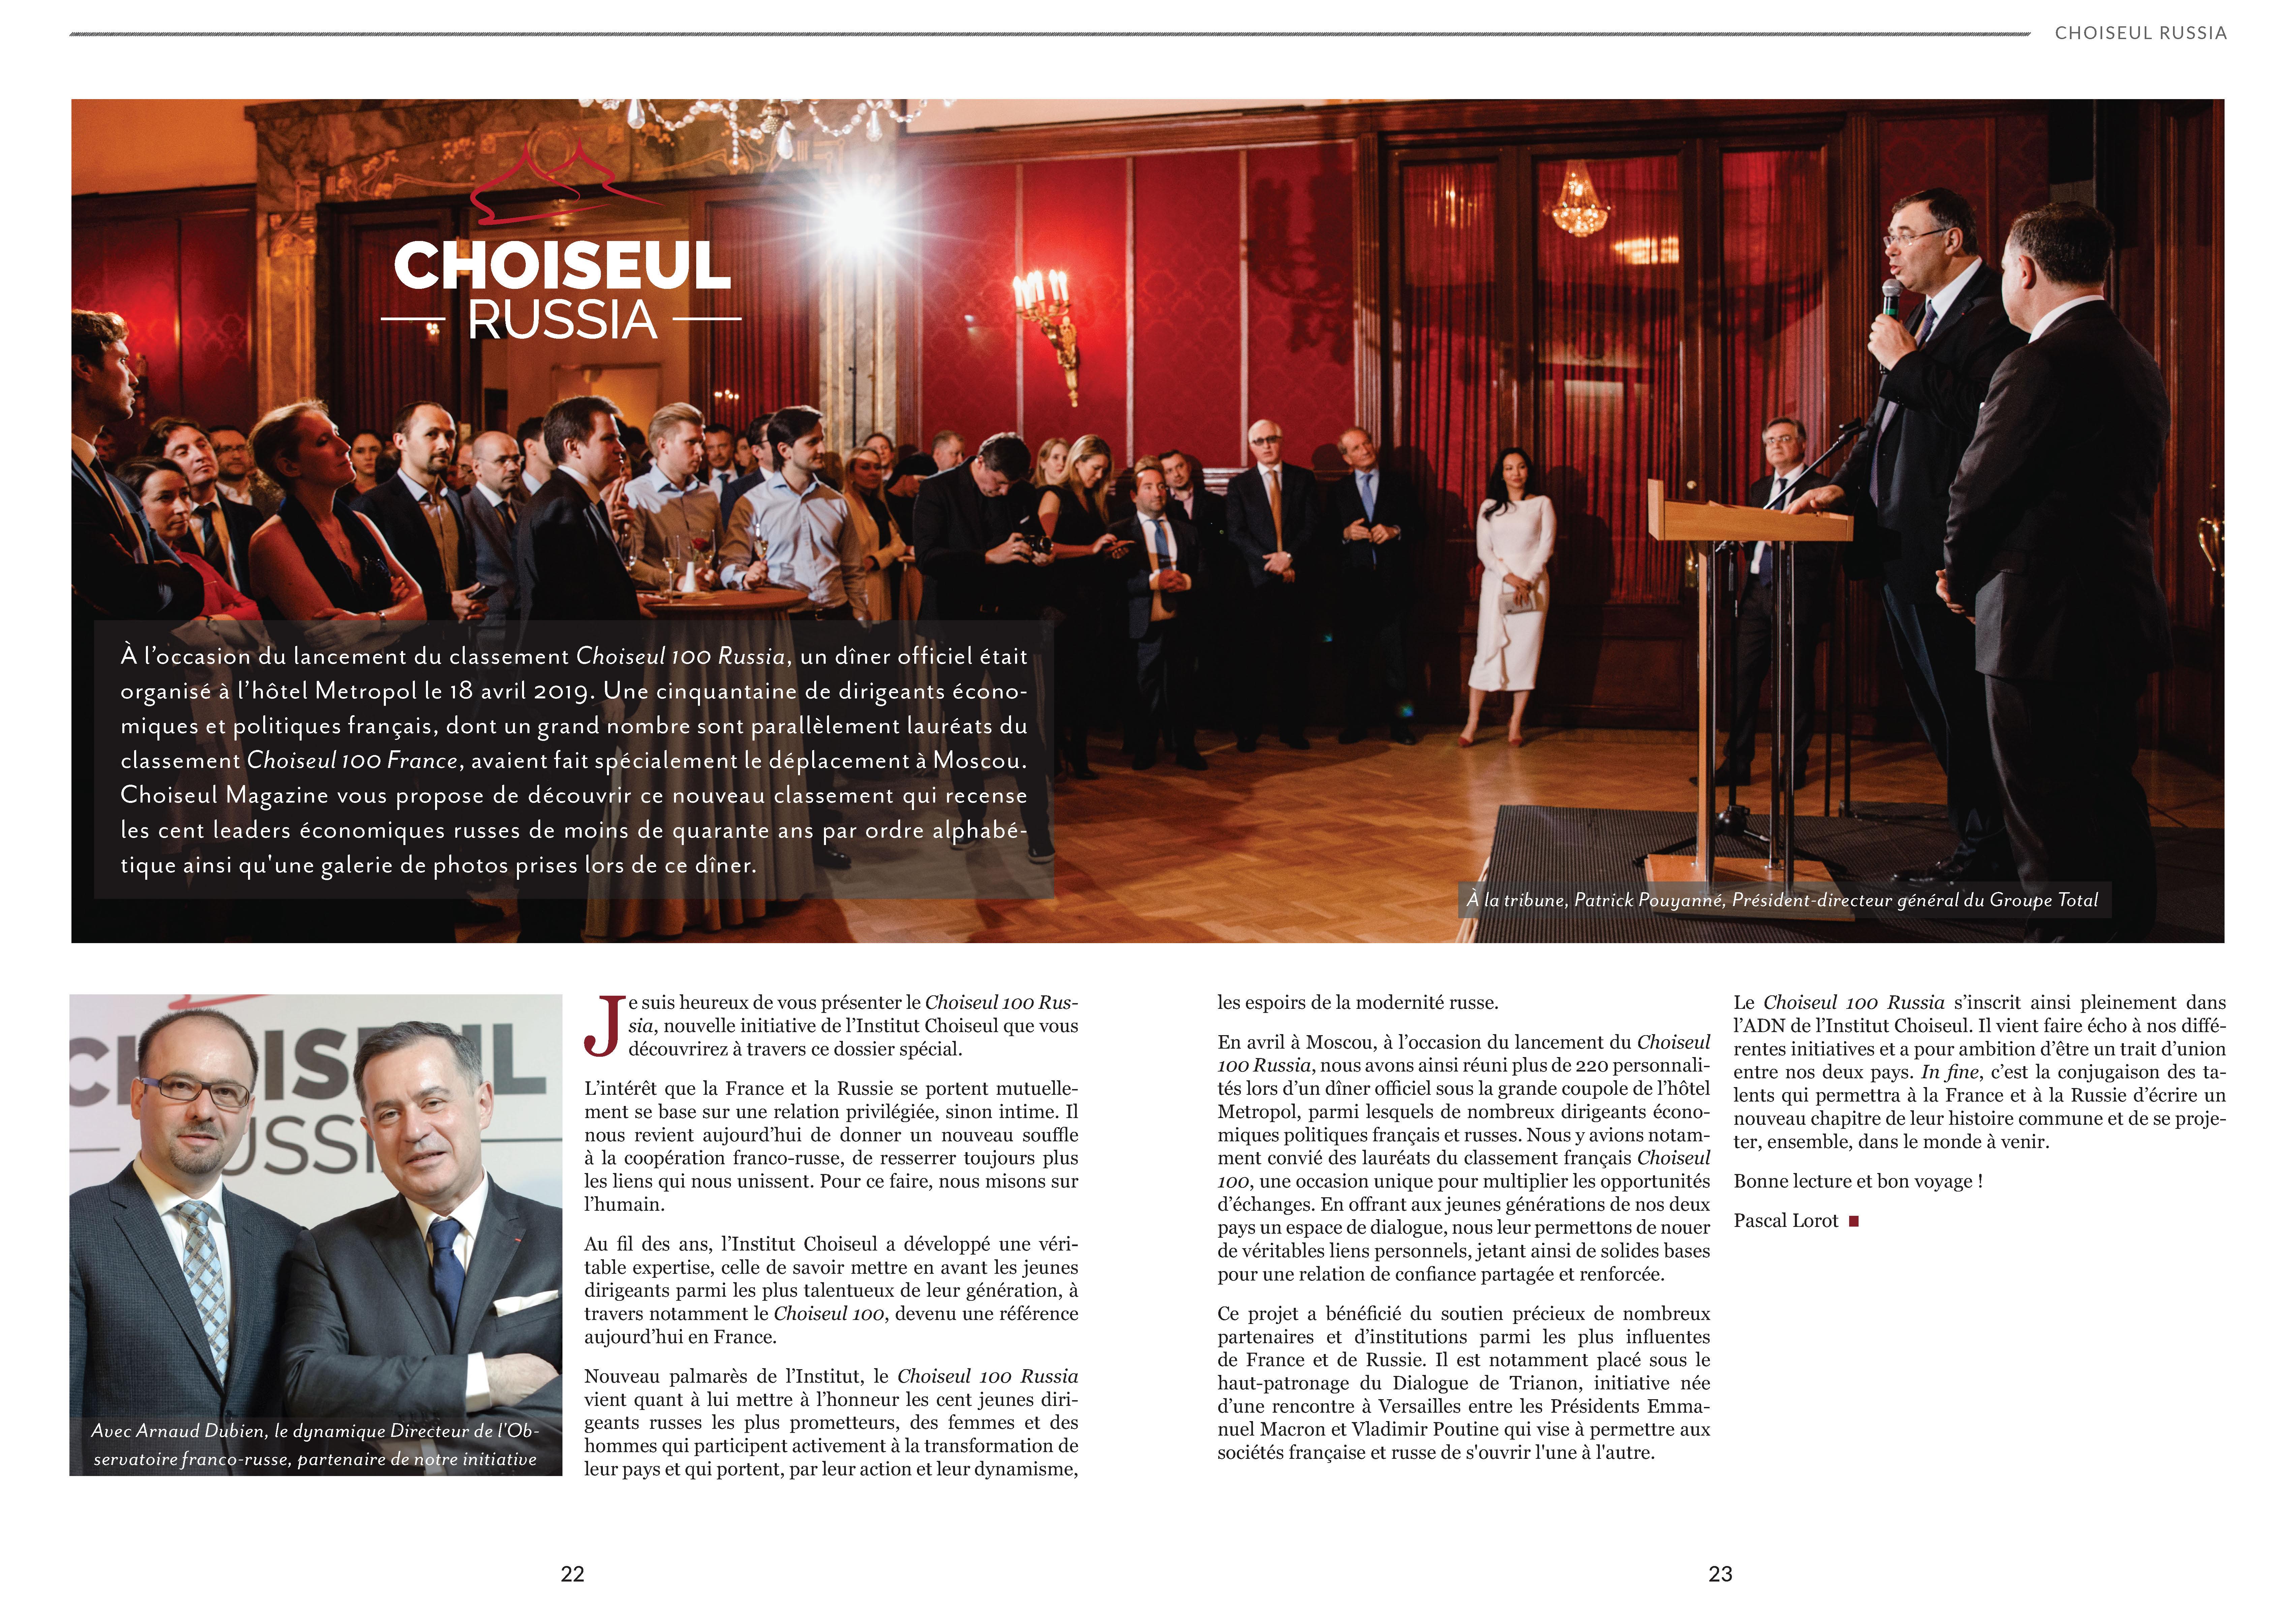 Choiseul Magazine n°7 – Spécial Choiseul 100 Russia